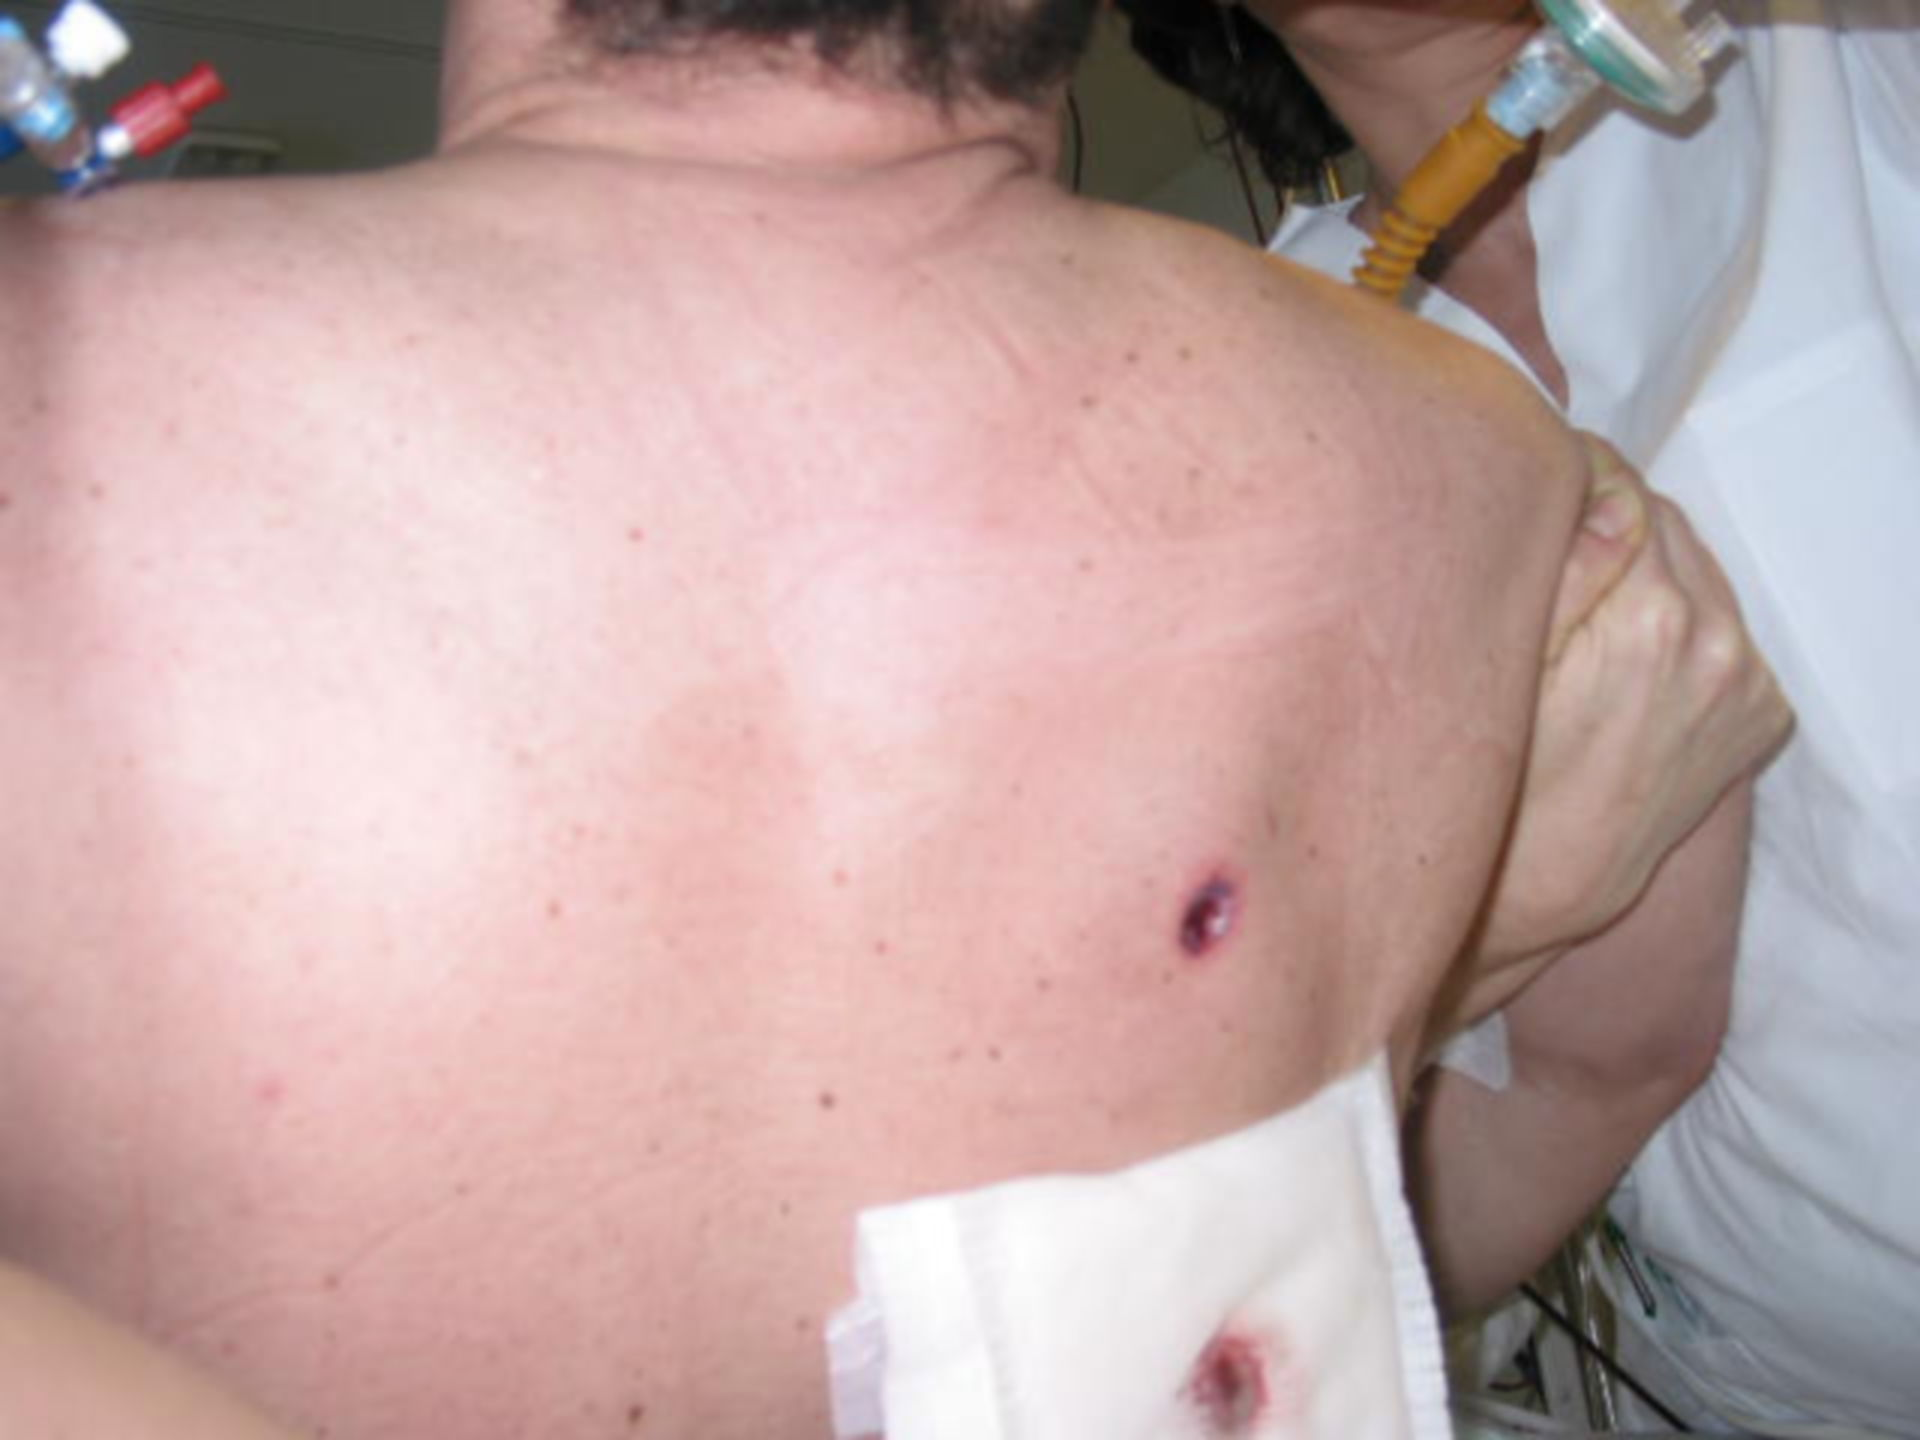 Herida de escopeta - pecho